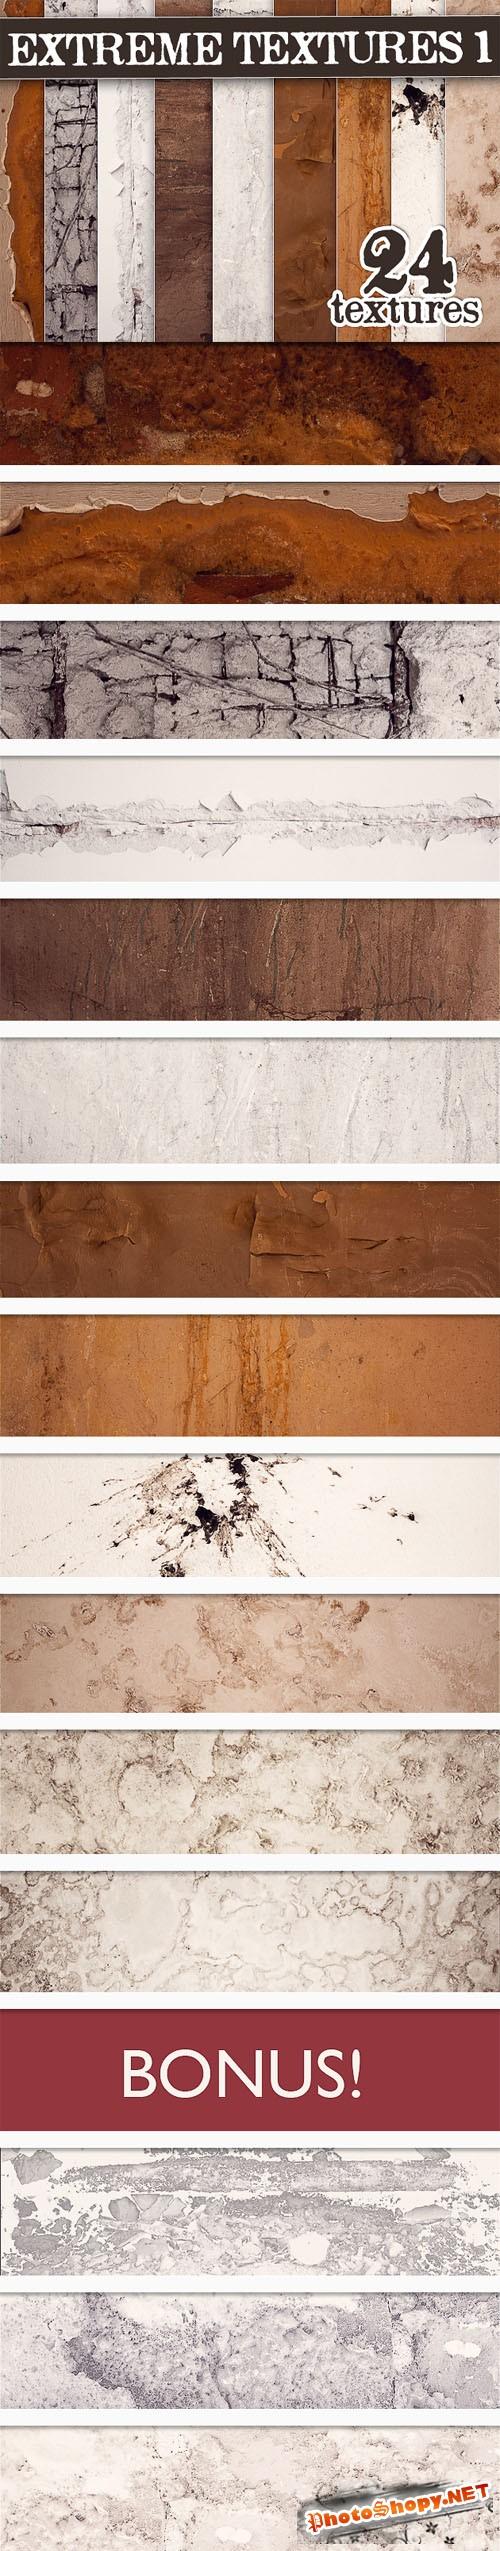 Designtnt - Extreme Textures Set 1